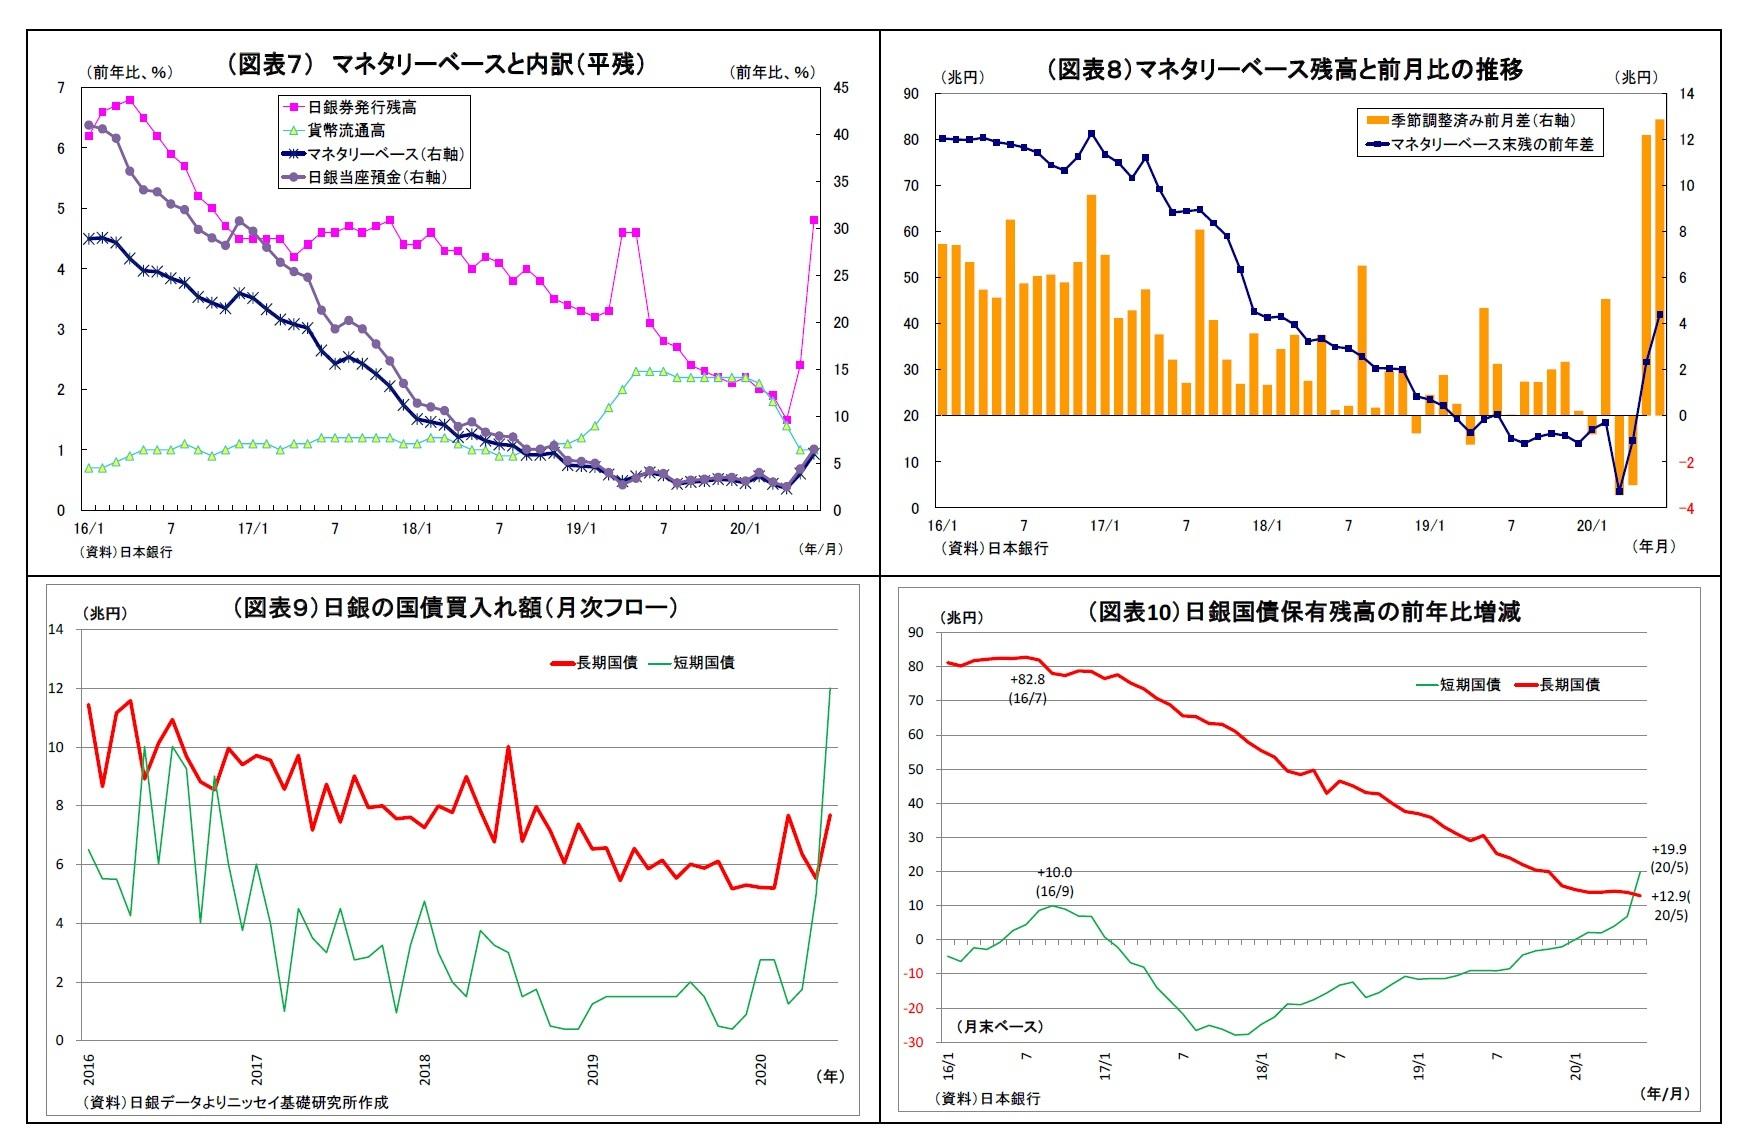 (図表7) マネタリーベースと内訳(平残)/(図表8)マネタリーベース残高と前月比の推移/(図表9)日銀の国債買入れ額(月次フロー)/(図表10)日銀国債保有残高の前年比増減